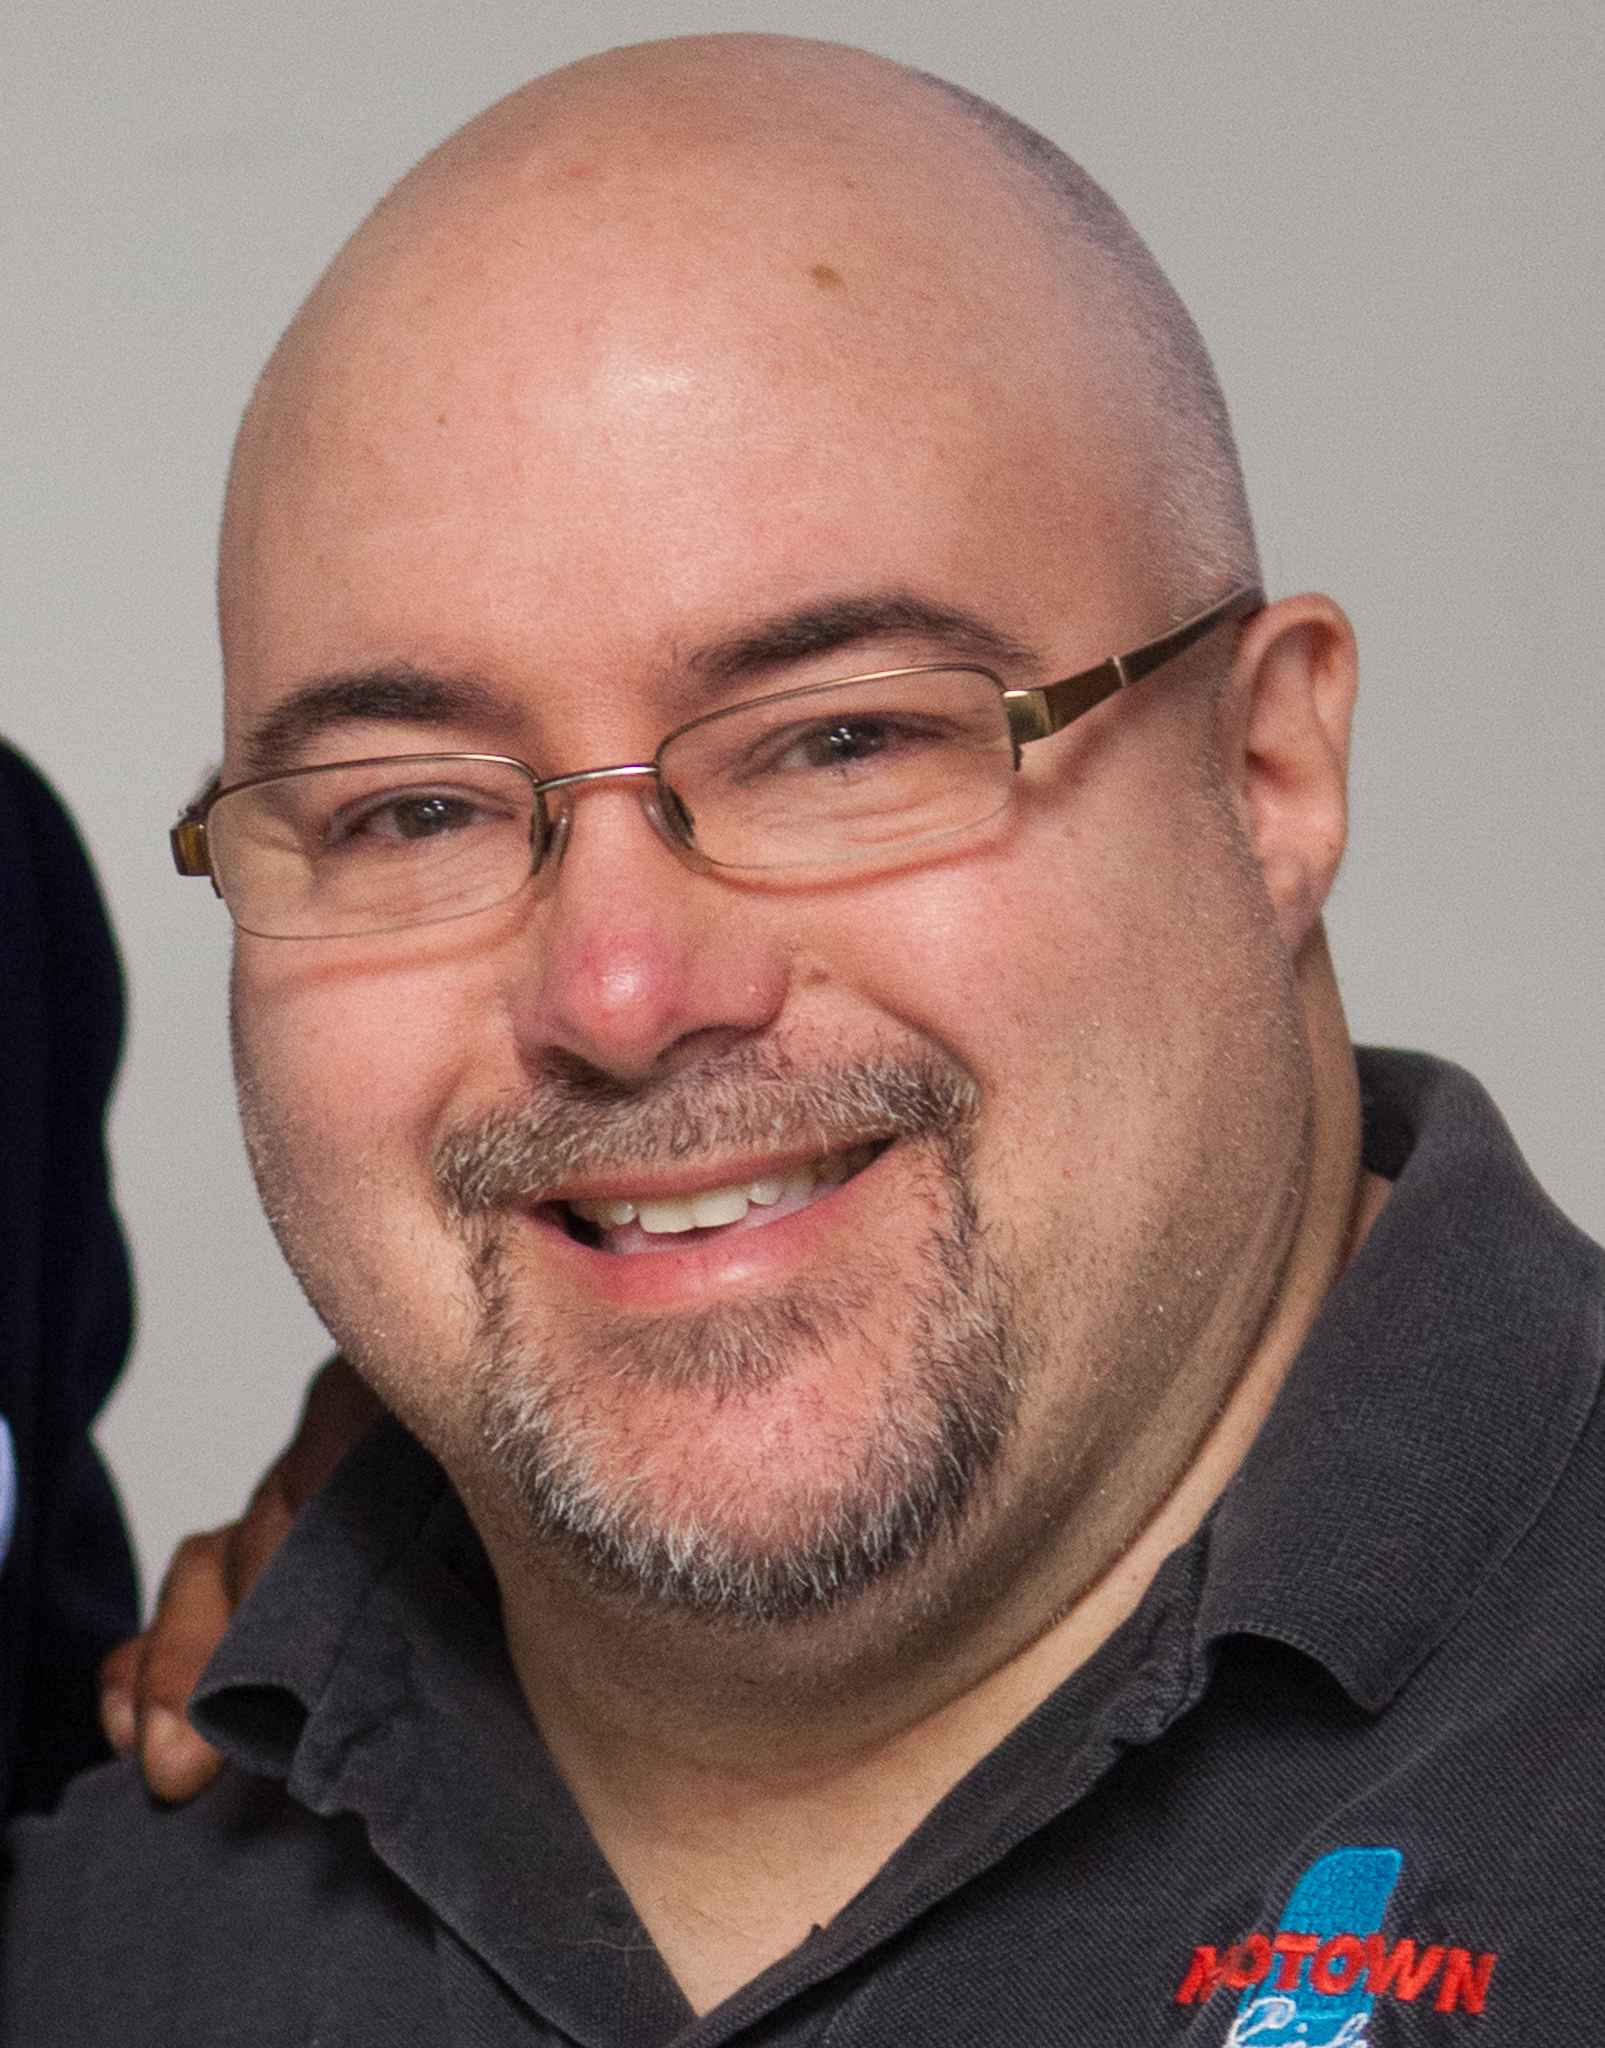 Steve Mendez